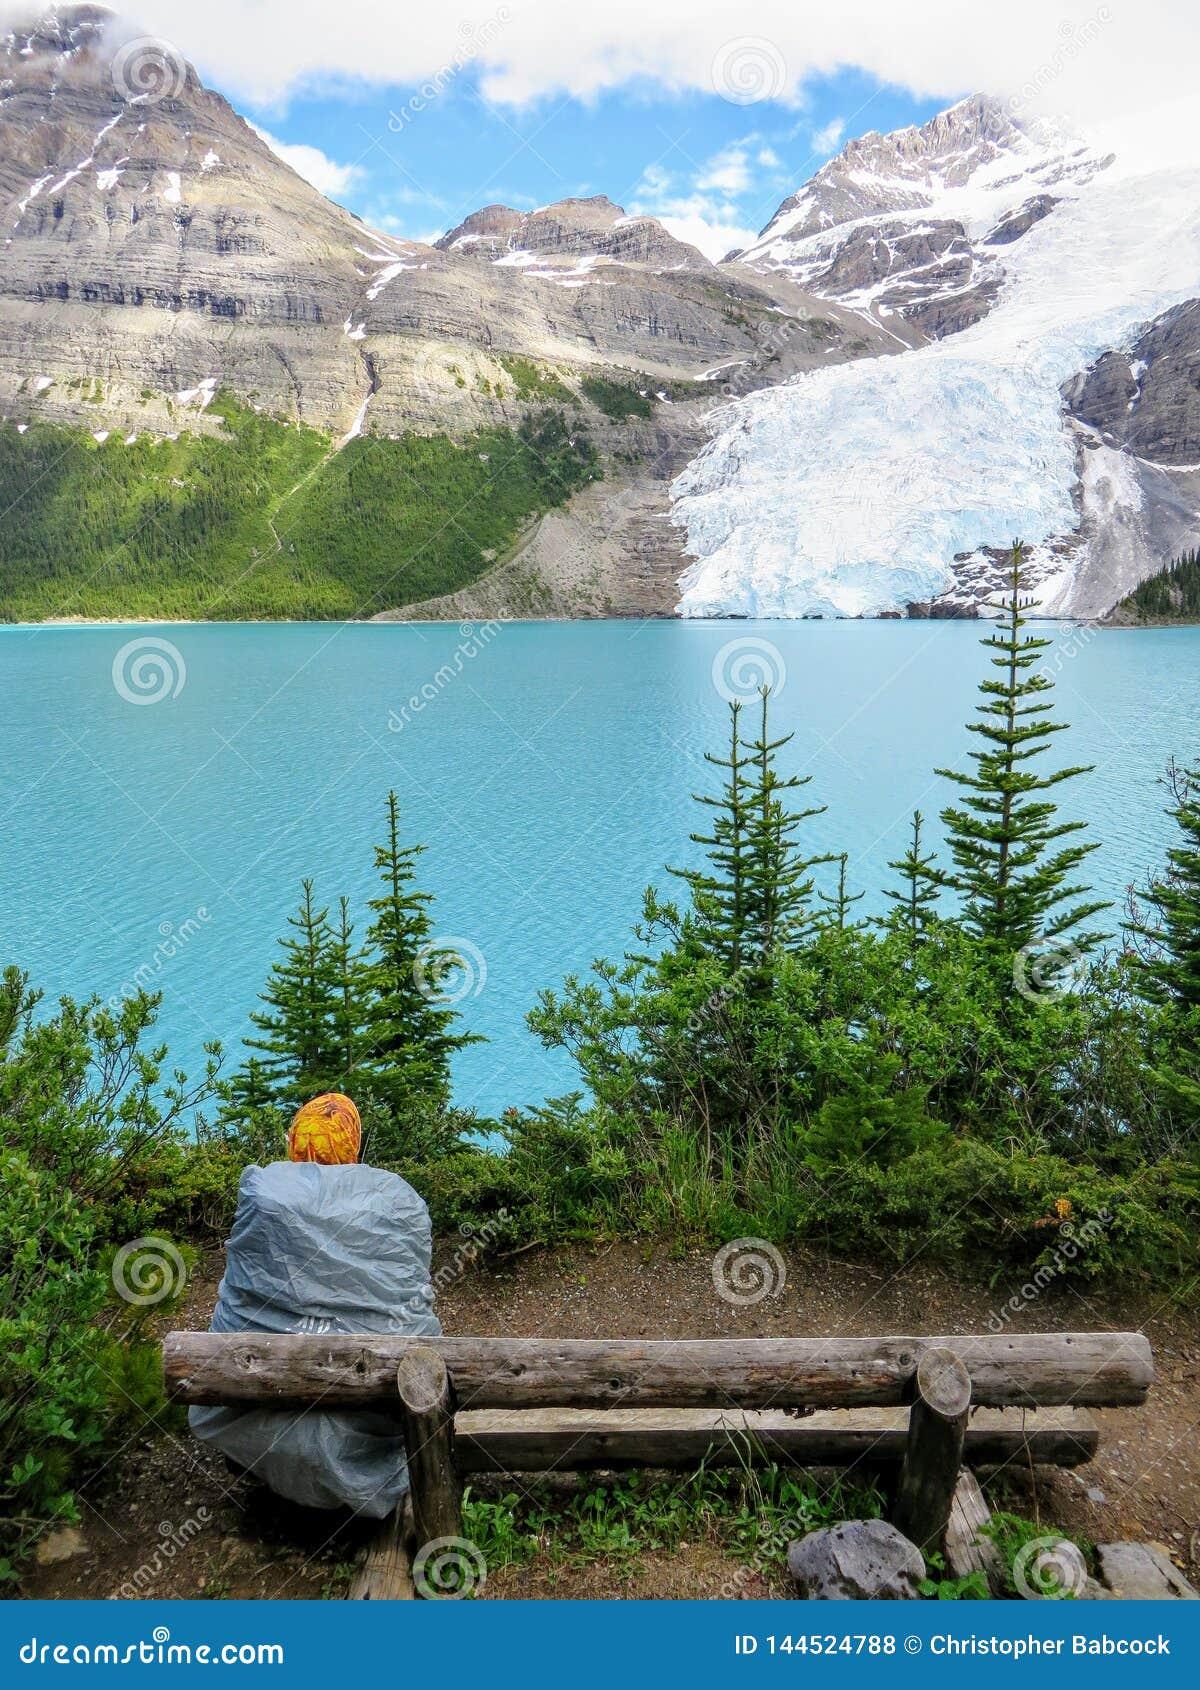 停止了敬佩湖和冰川的美好和难以置信的看法的一个年轻女性徒步旅行者沿一条供徒步旅行的小道